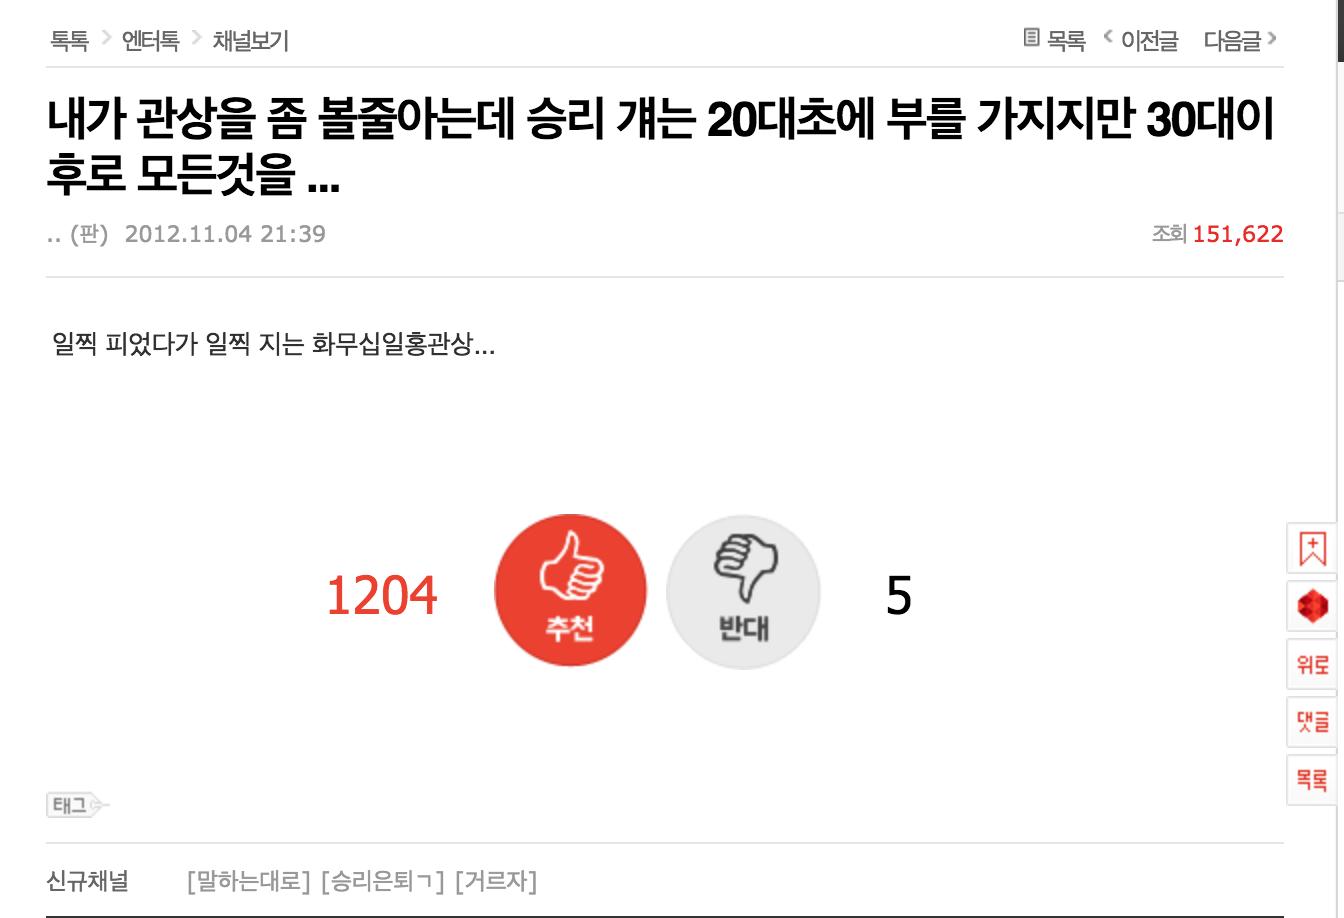 Netizen Hàn nổi da gà vì lời tiên đoán từ năm 2012 rằng Seungri sẽ mất mọi thứ vào năm 30 tuổi - Ảnh 2.